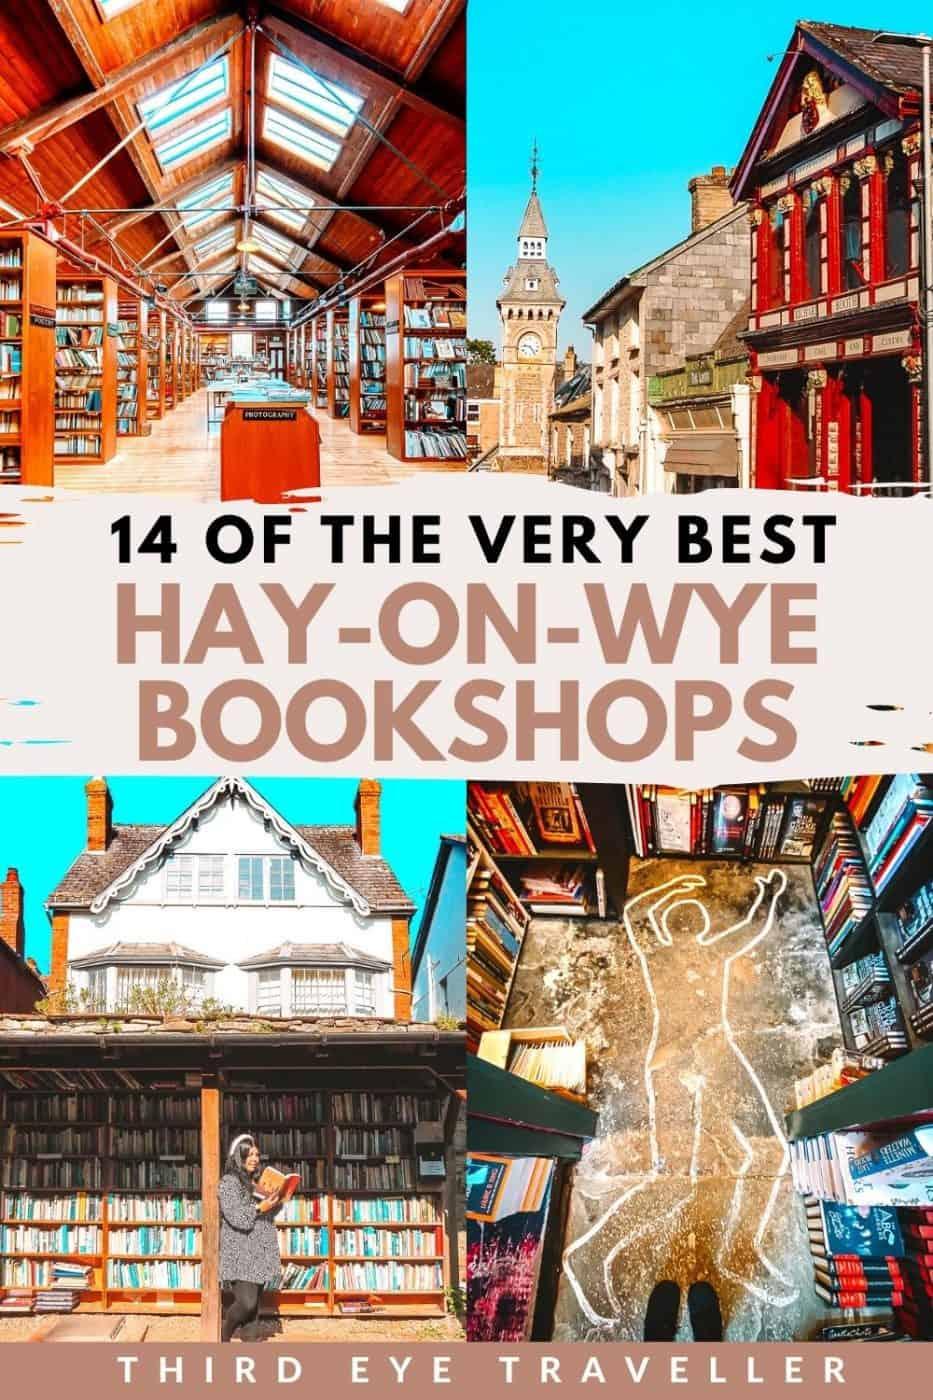 Best Hay-on-Wye Bookshops Wales